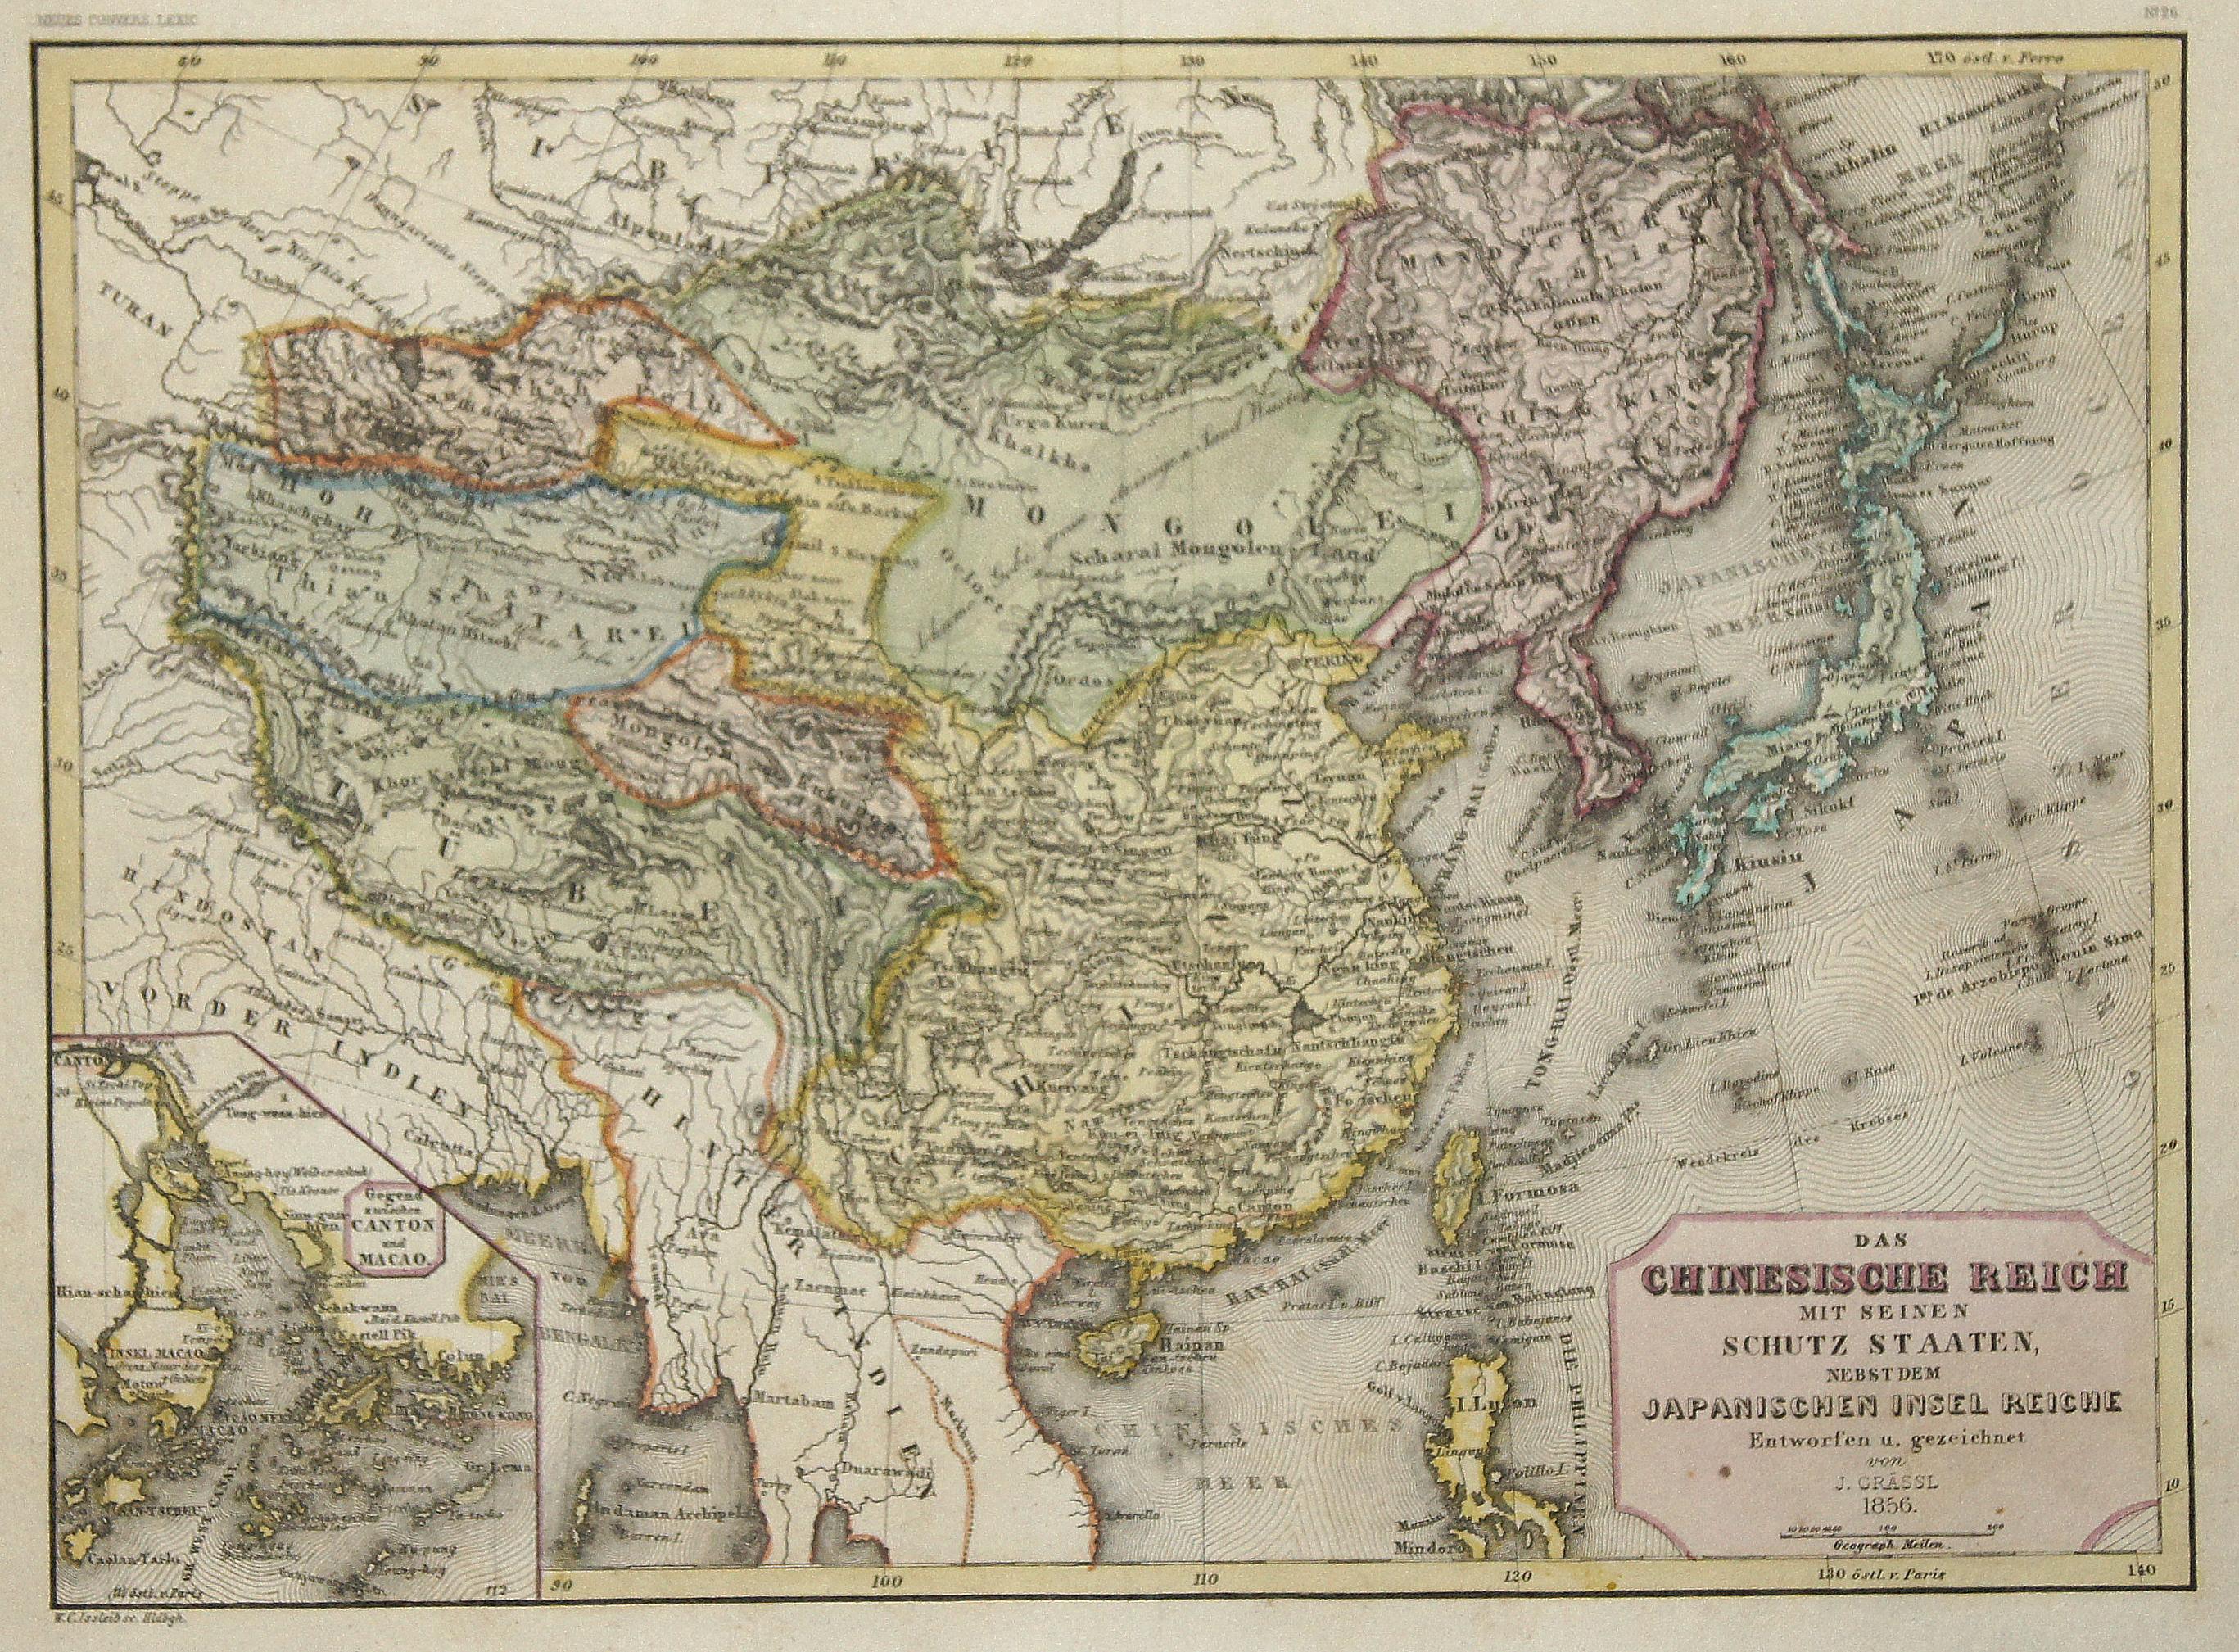 Grässl  Das Chinesische Reich mit seinen Schutz Staaten, nebst dem Japanischen Insel Reiche